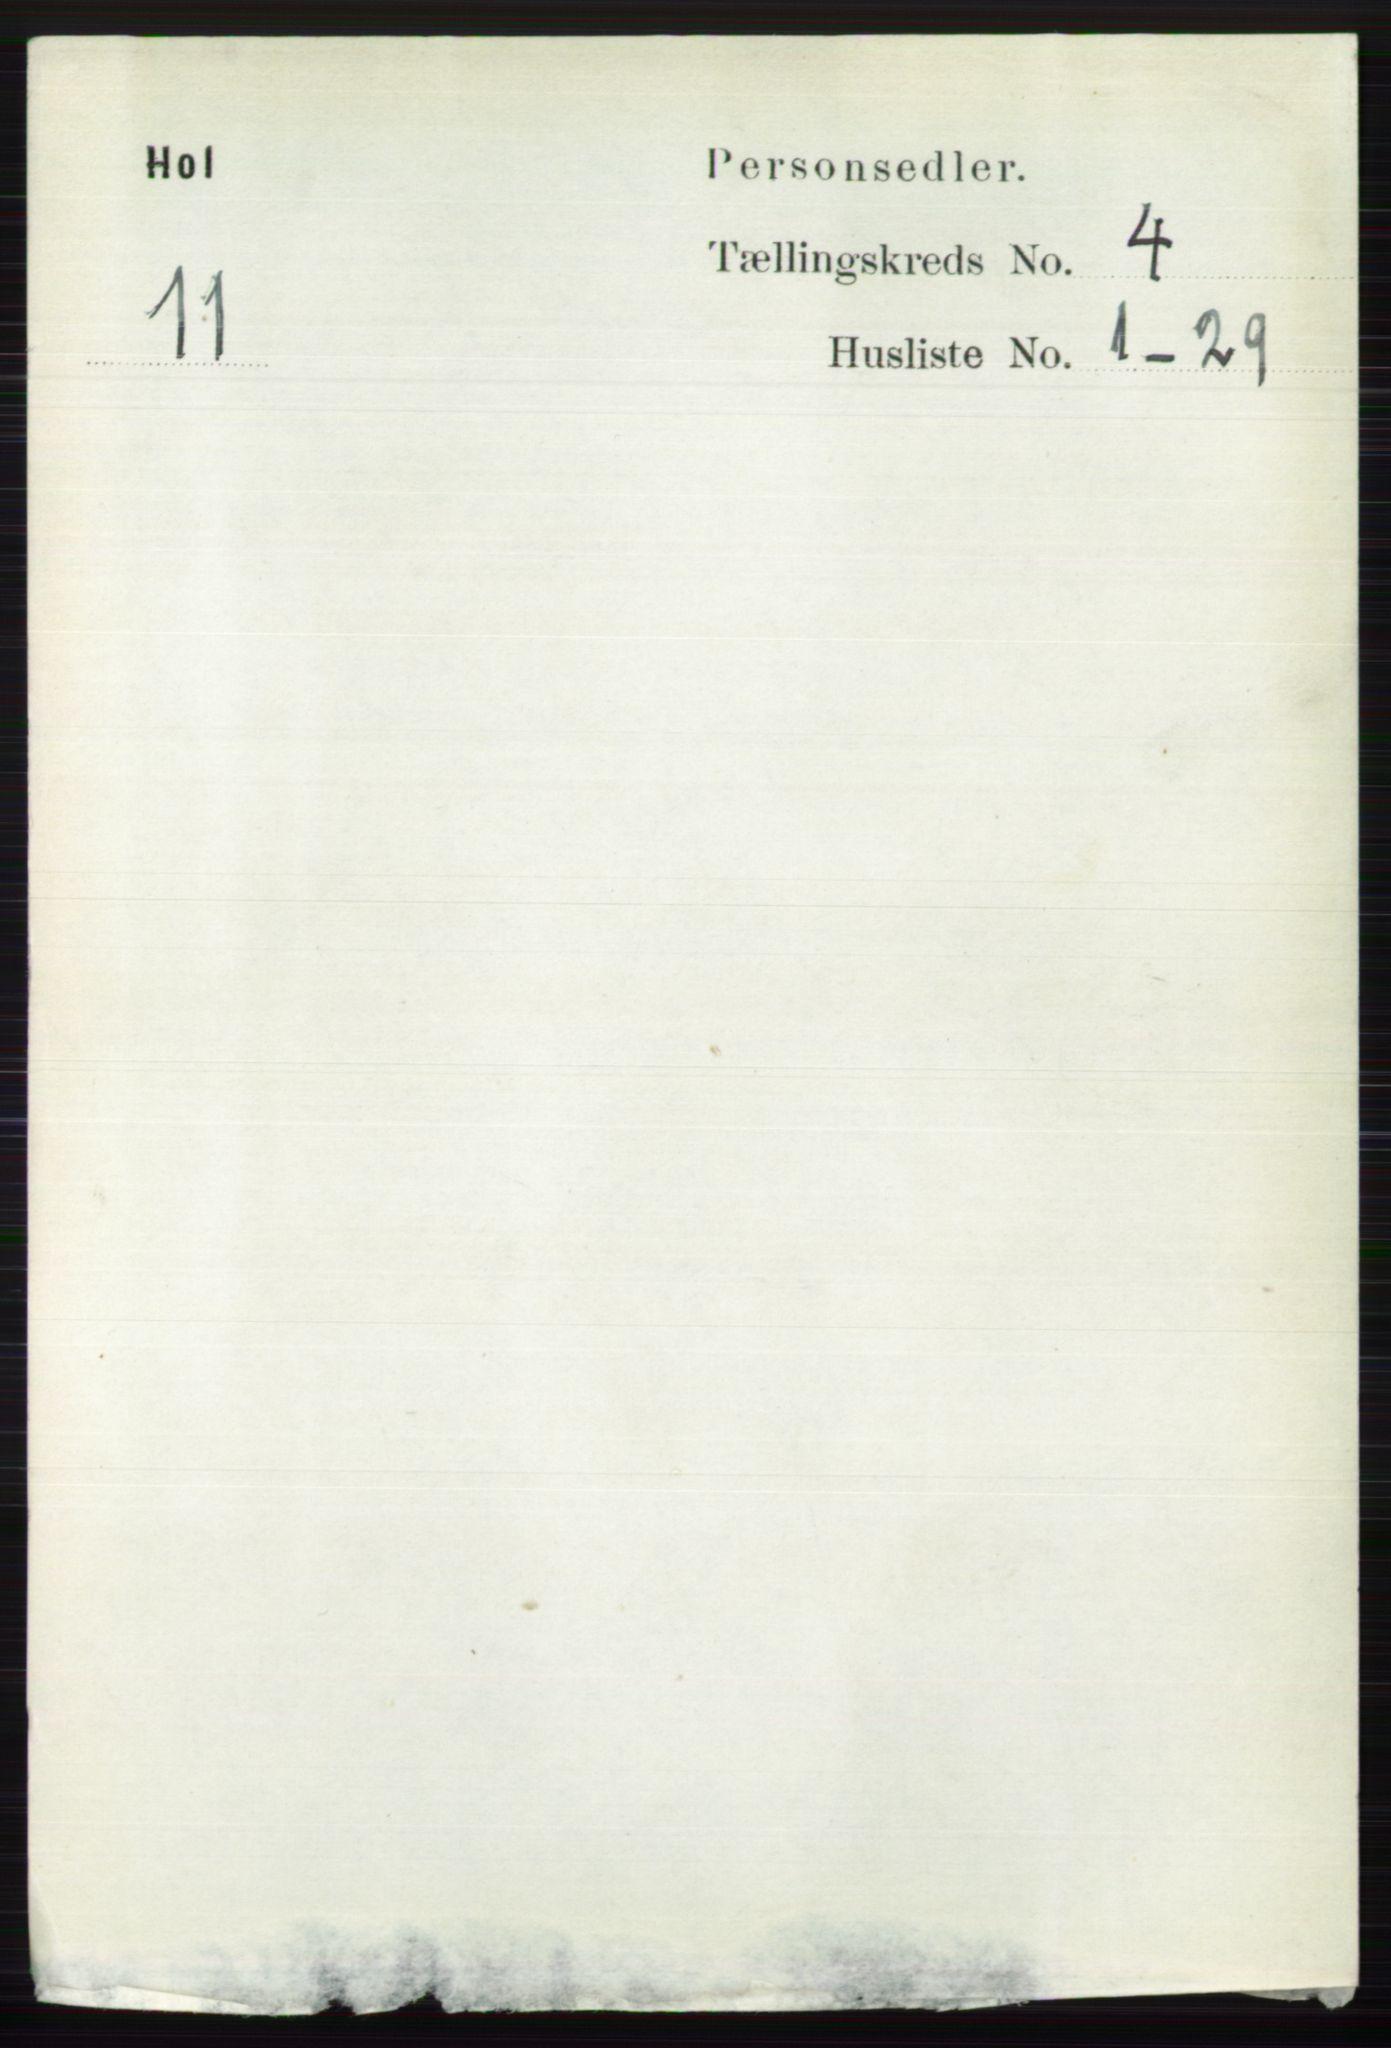 RA, Folketelling 1891 for 0620 Hol herred, 1891, s. 1256